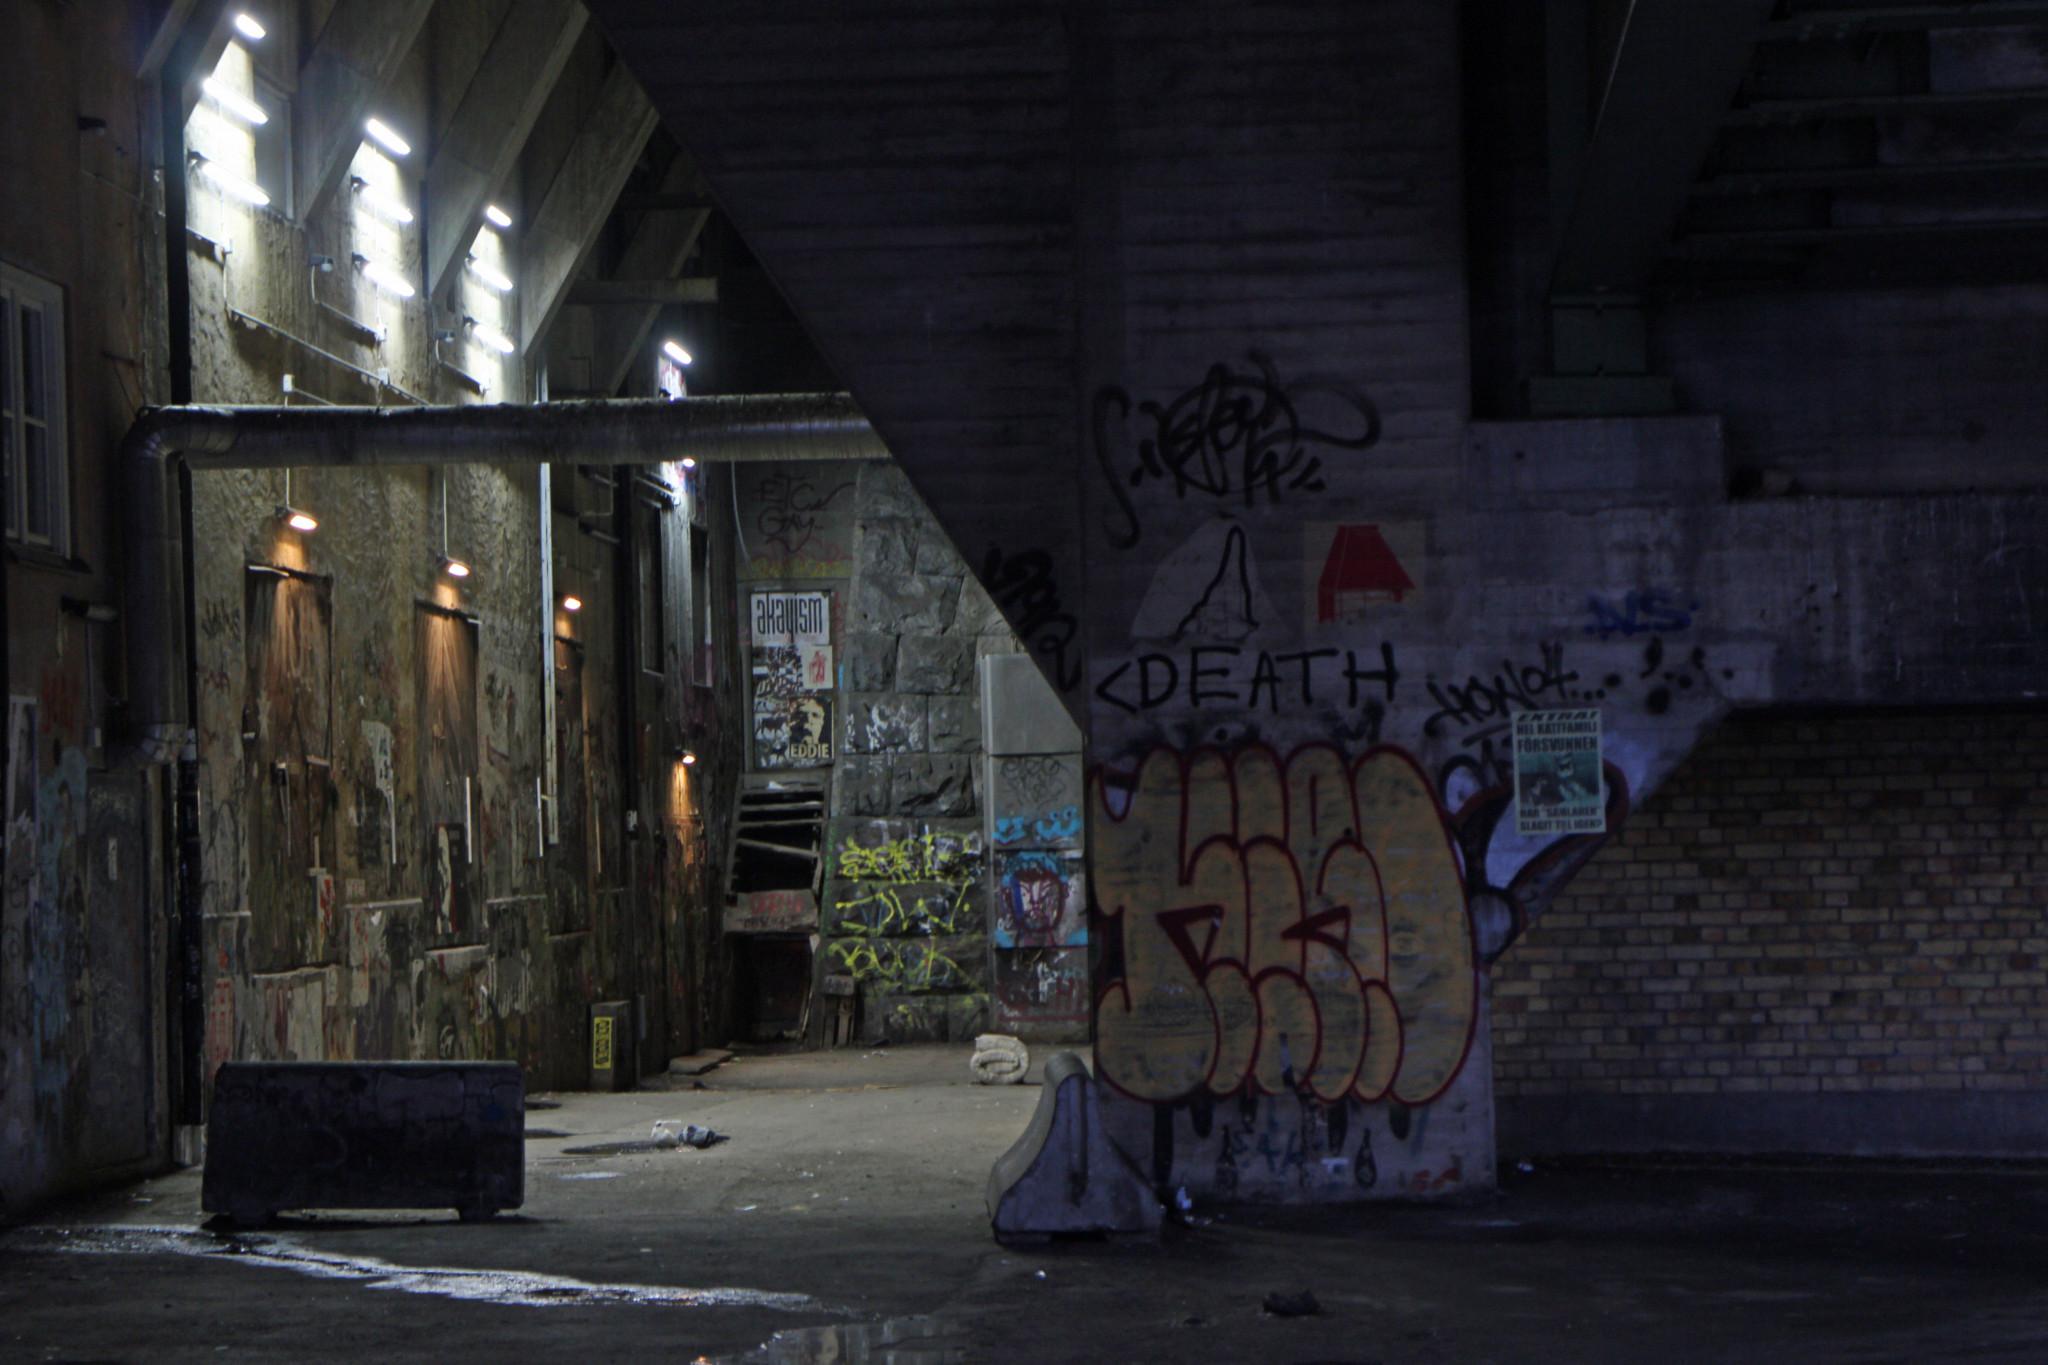 Betong och graffiti vid öde plats i centrala Stockholm.